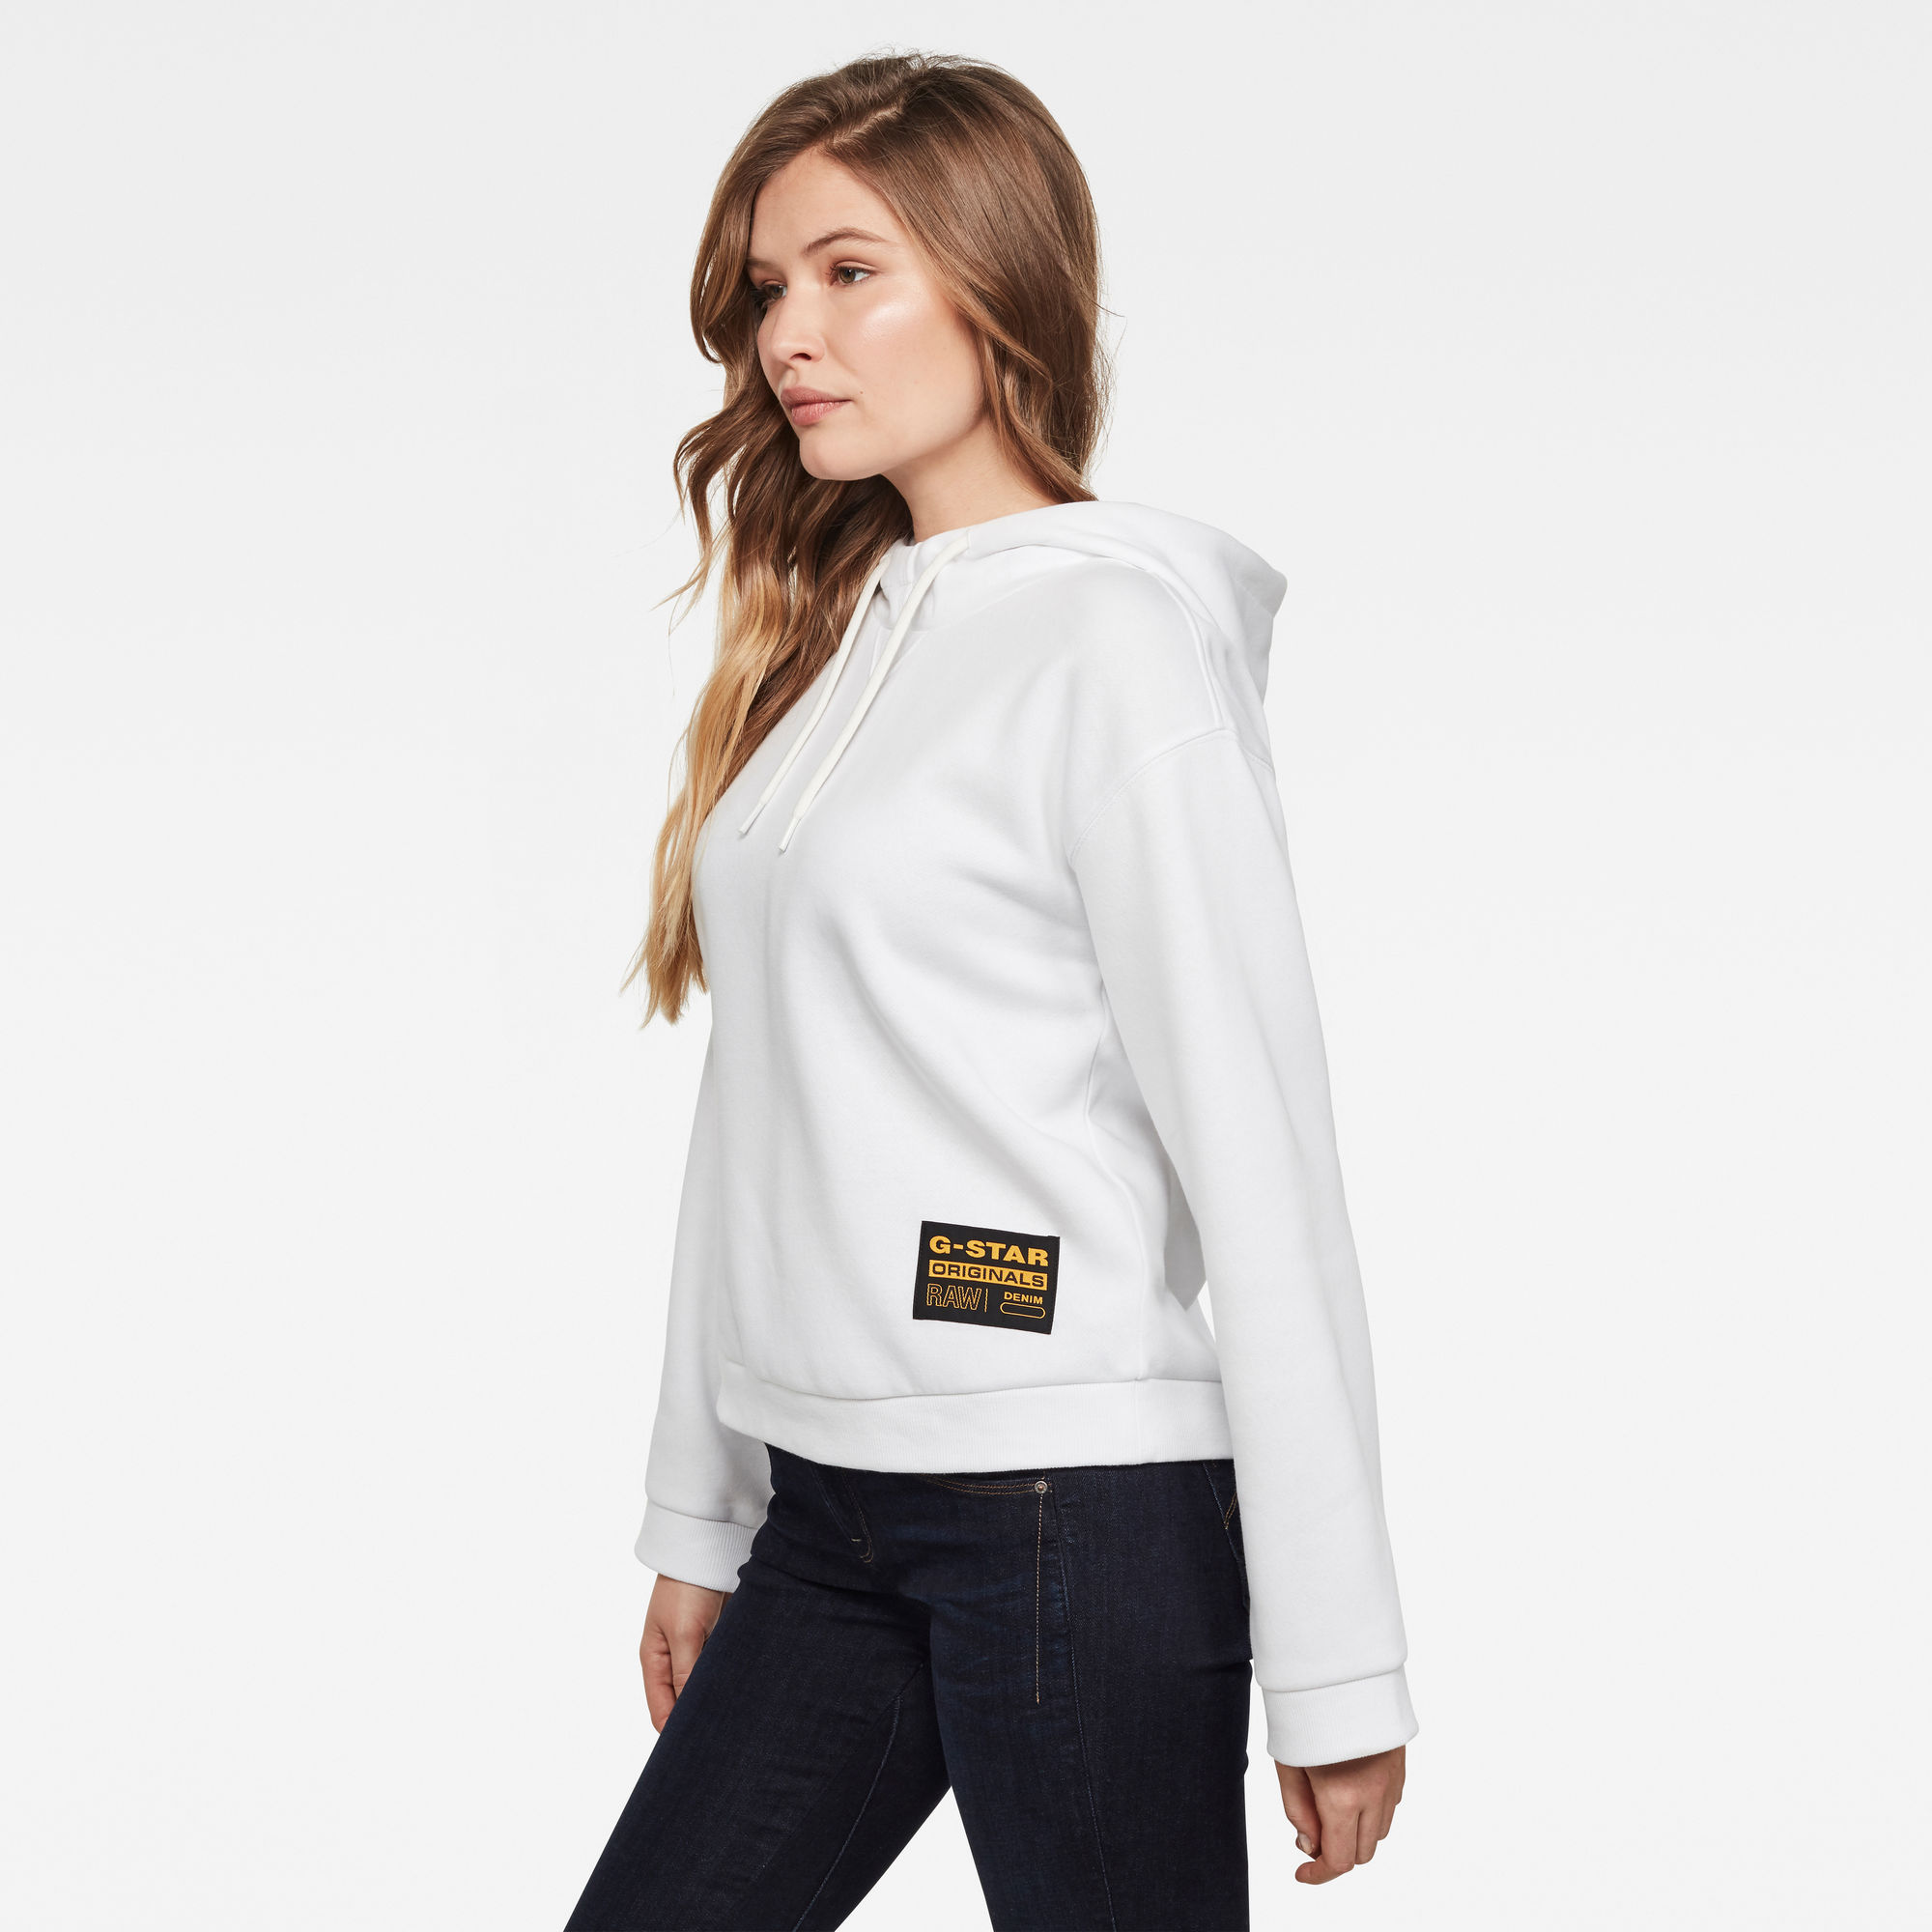 Bilbi Sweater